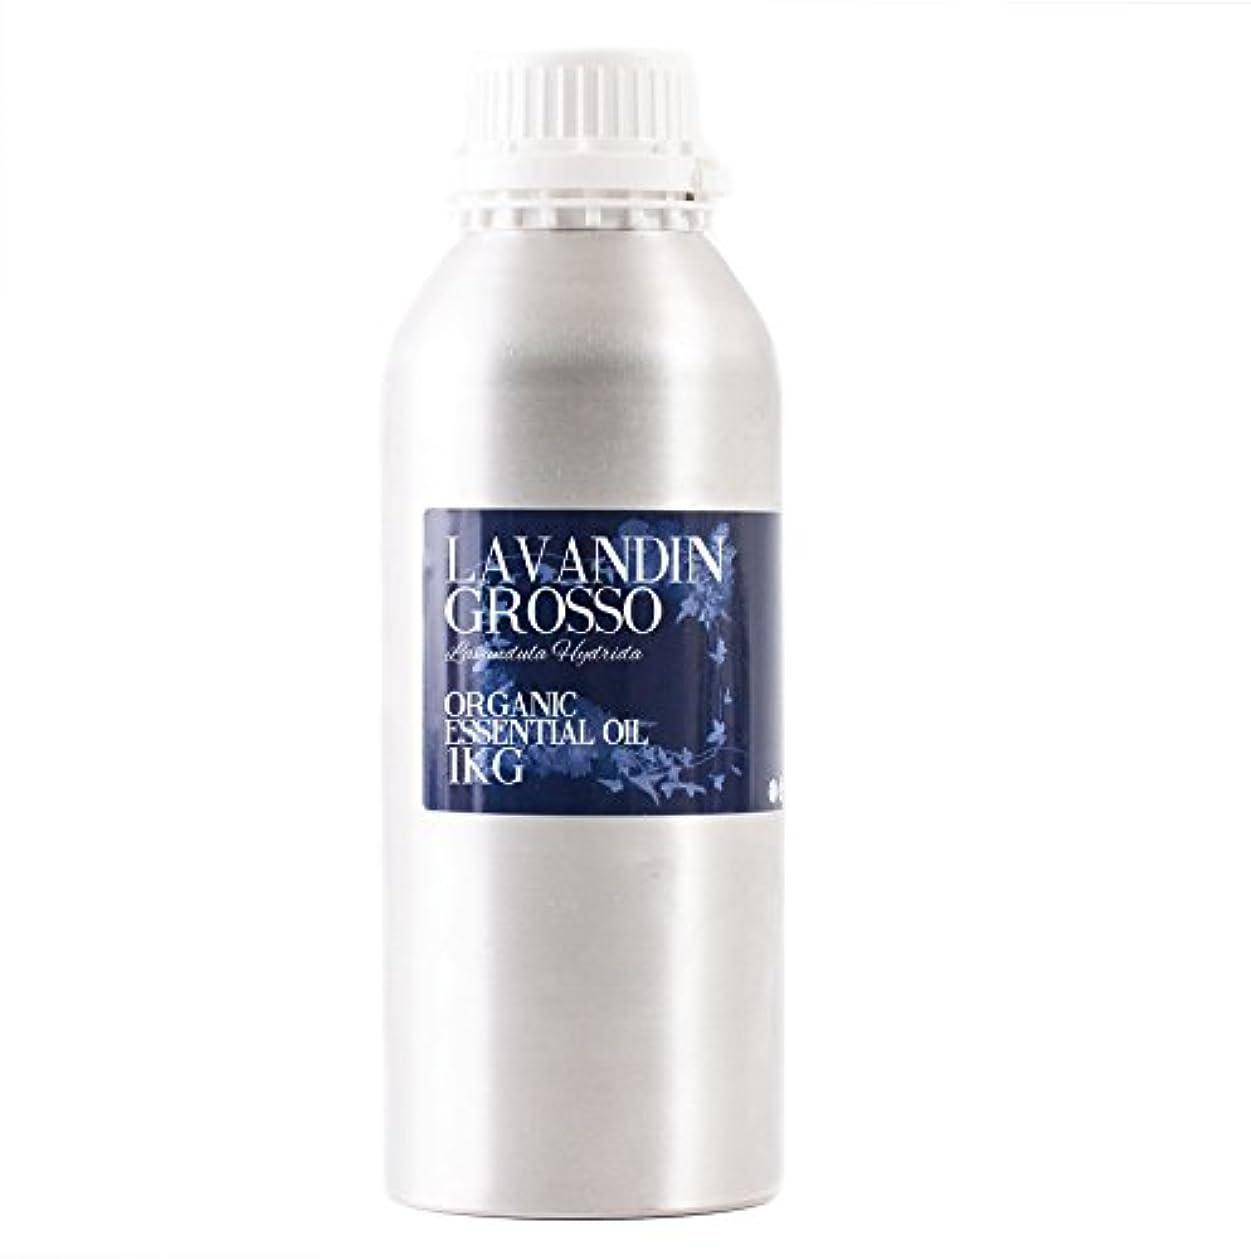 スペード相対性理論後ろにMystic Moments | Lavandin Grosso Organic Essential Oil - 1Kg - 100% Pure